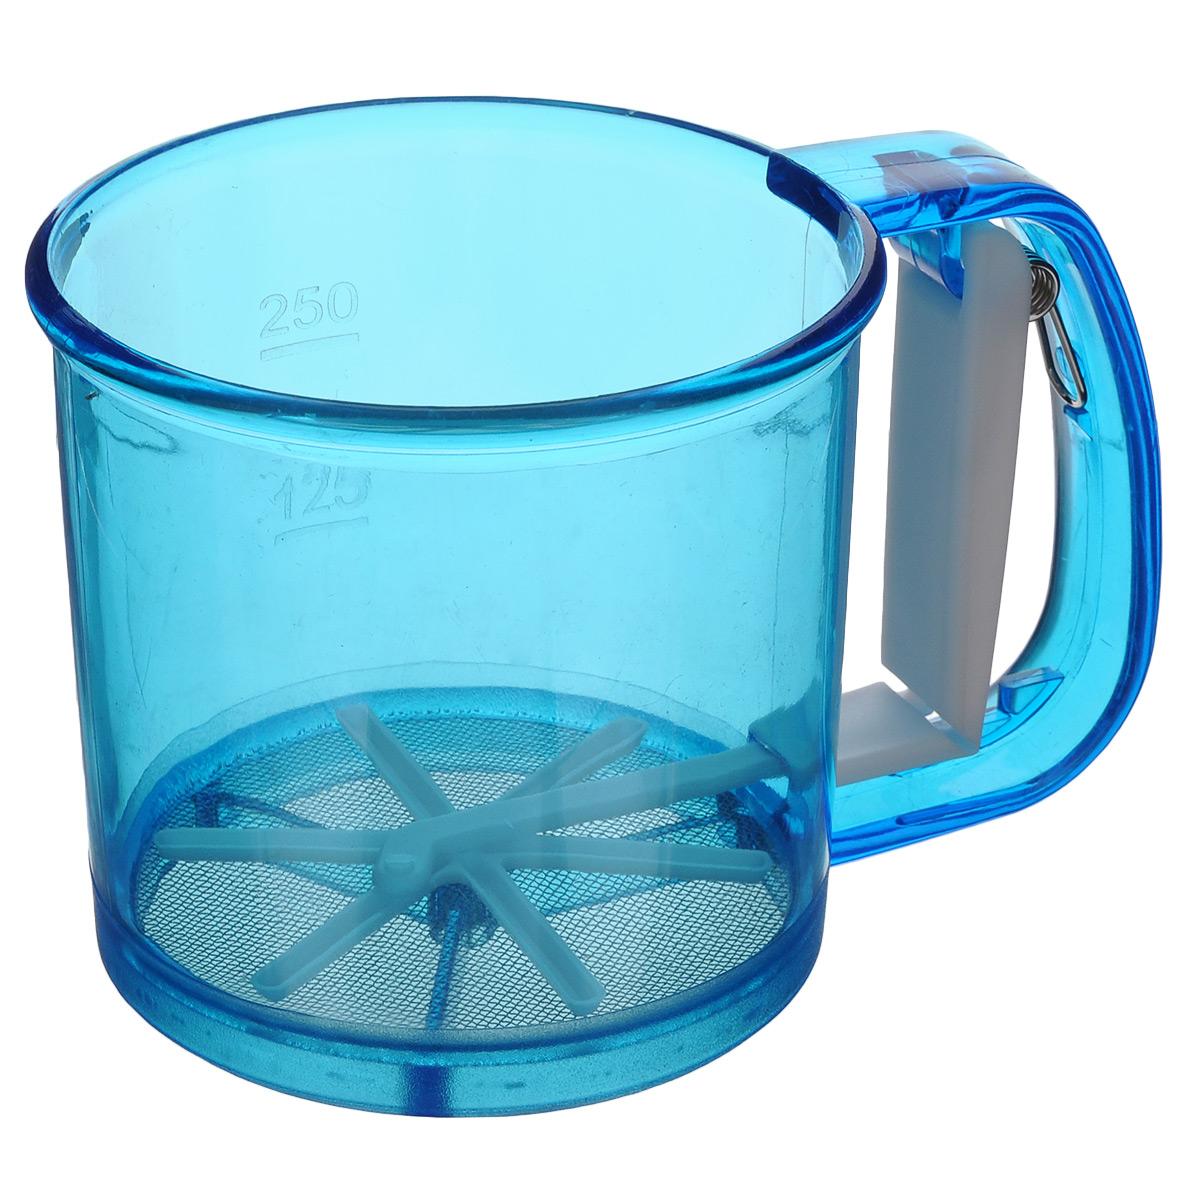 Кружка-сито Аква, цвет: синий, 250 г831-034Кружка-сито Аква изготовлена из высококачественного пластика и нержавеющей стали. Удобный механизм с рычагом на ручке позволяет быстро и эффективно просеивать муку. Кружка-сито Аква станет достойным дополнением к коллекции кухонных аксессуаров. Диаметр (по верхнему краю): 10,5 см. Высота: 9,5 см. Объем: 250 г.